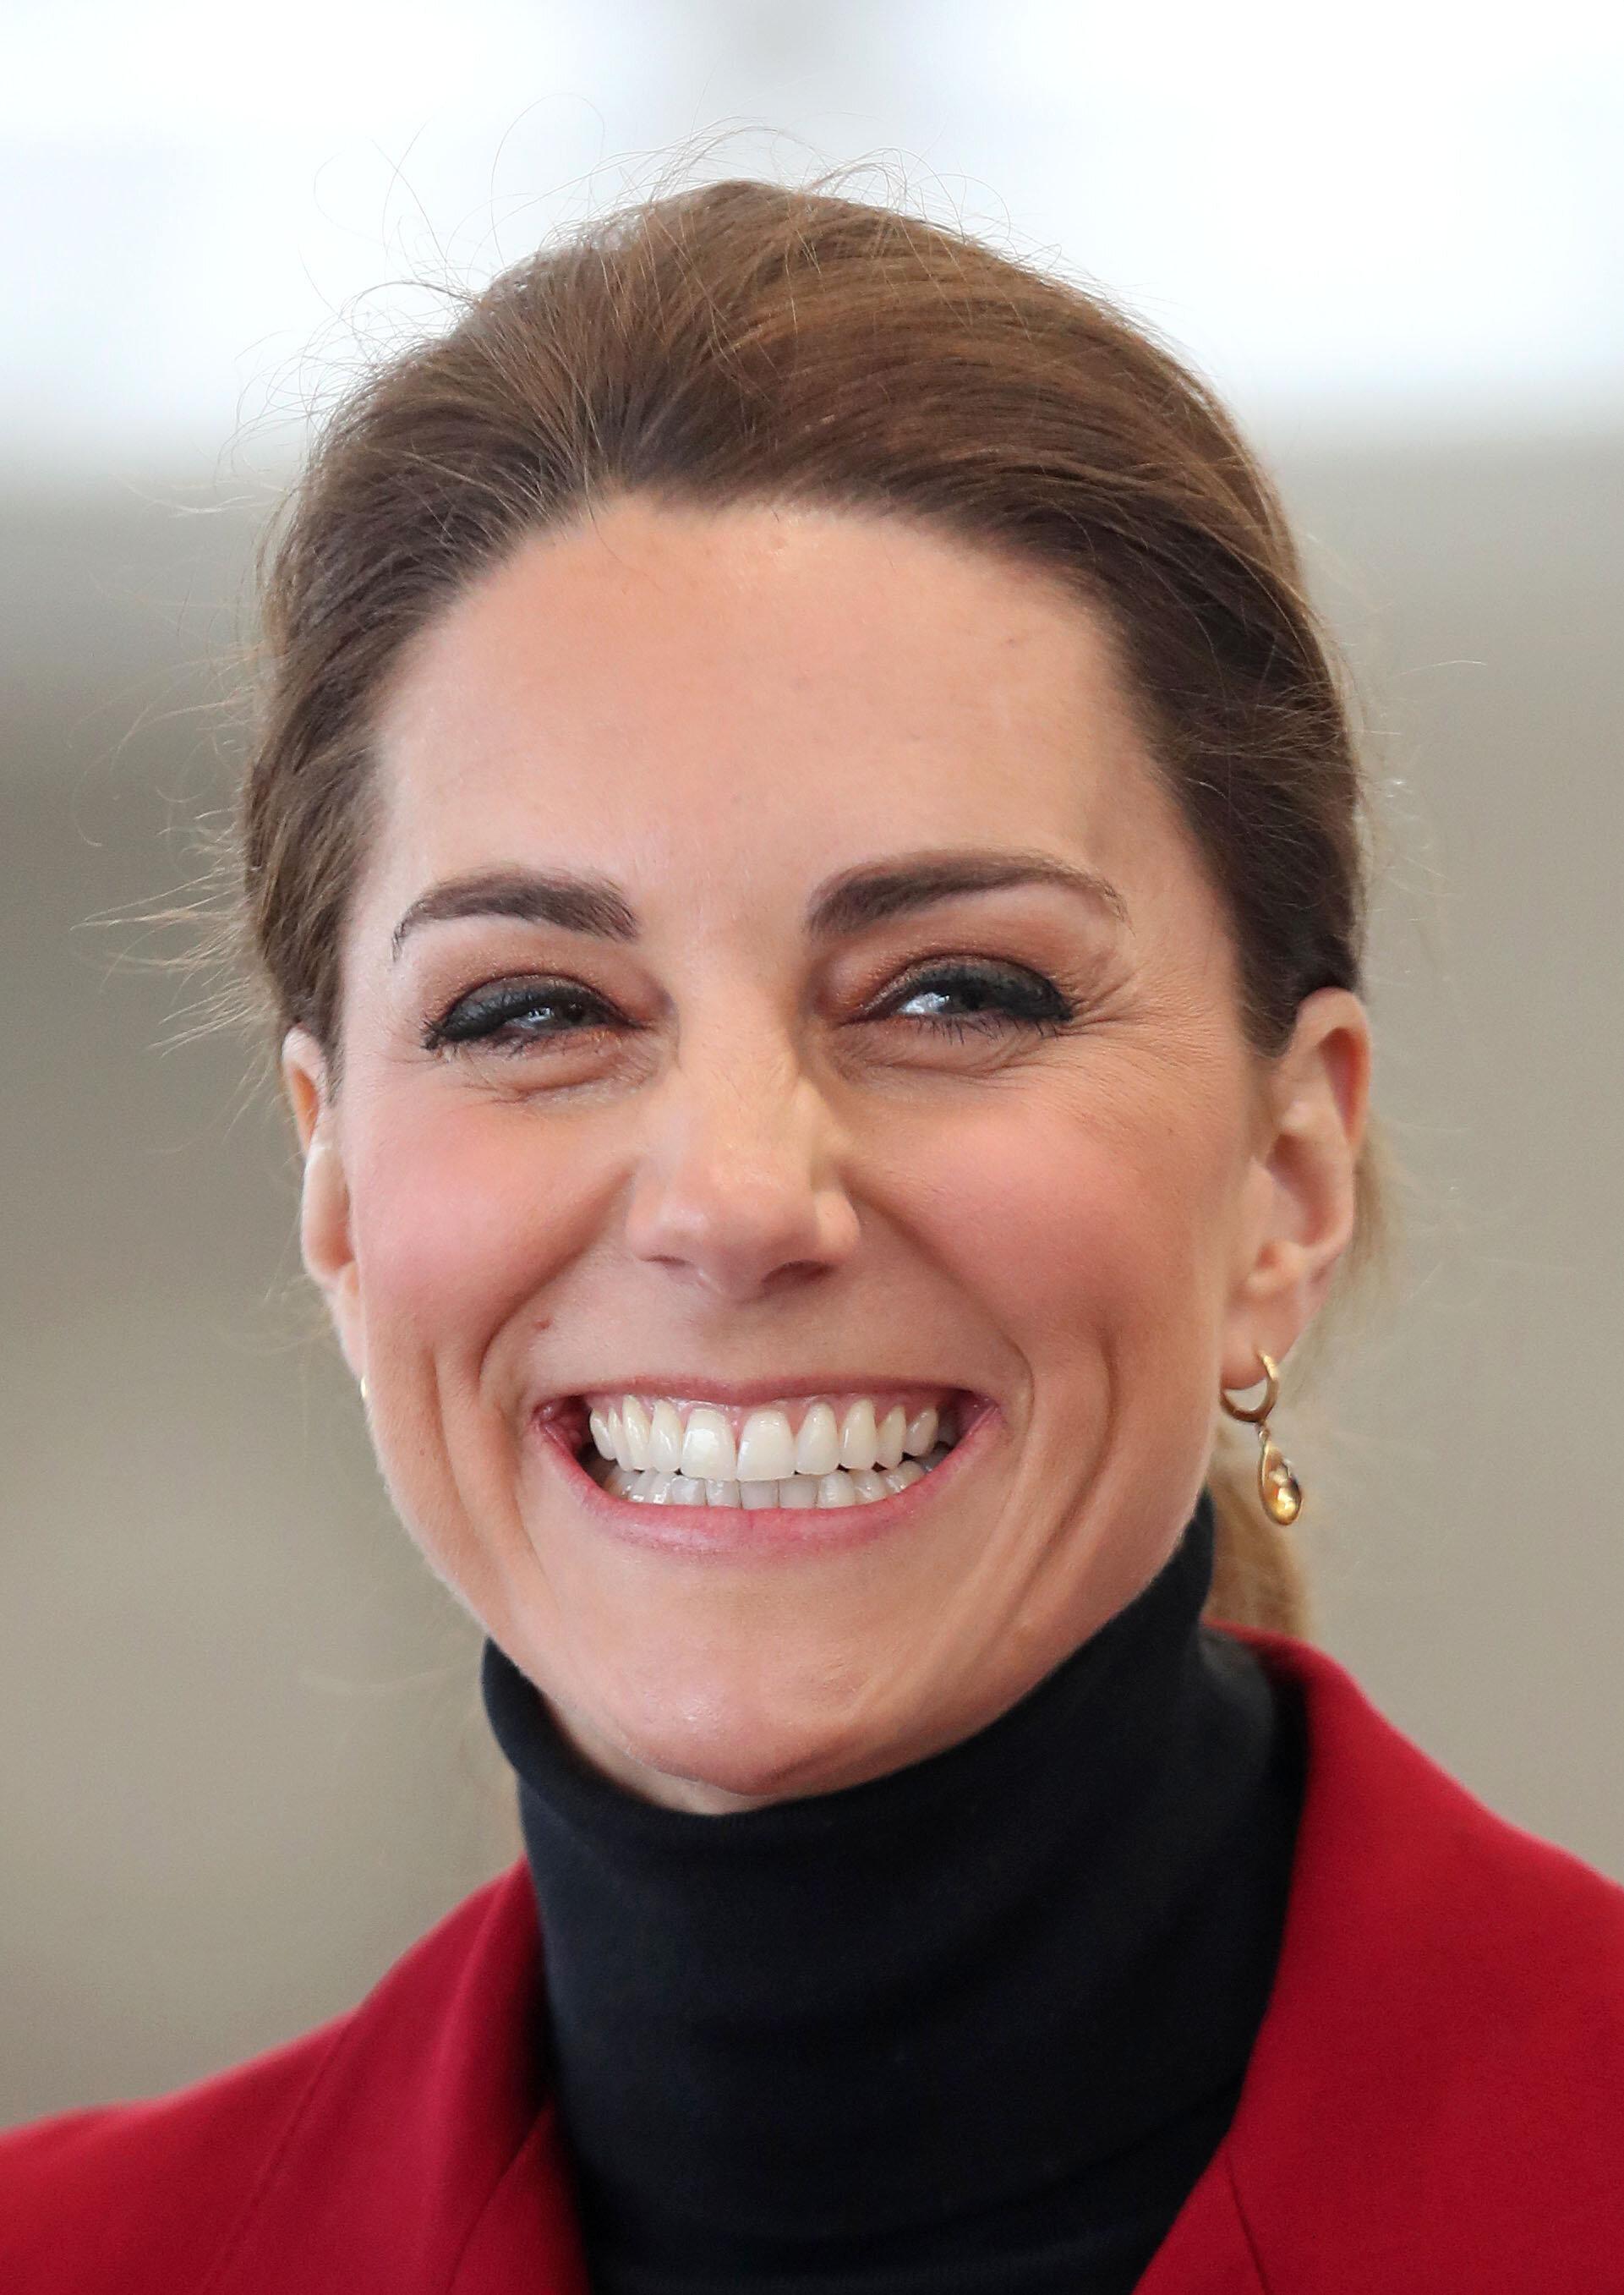 Herzogin Kate versuchte sich in jungen Jahren als Kellnerin – und versagte.  © picture alliance / empics